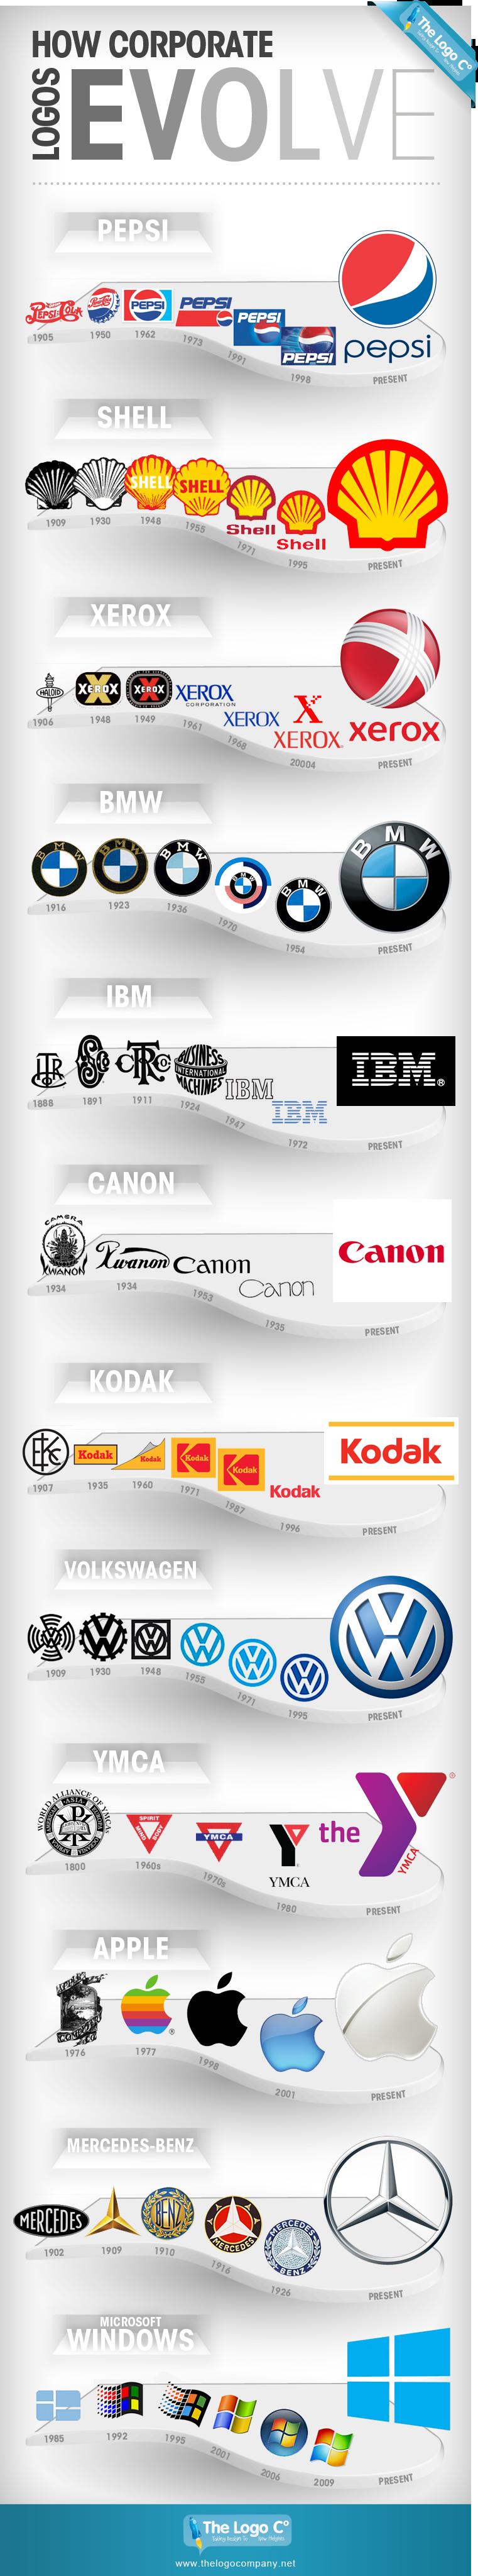 Nostromo_agence-de-communication_blog_infographie-evolution-logos